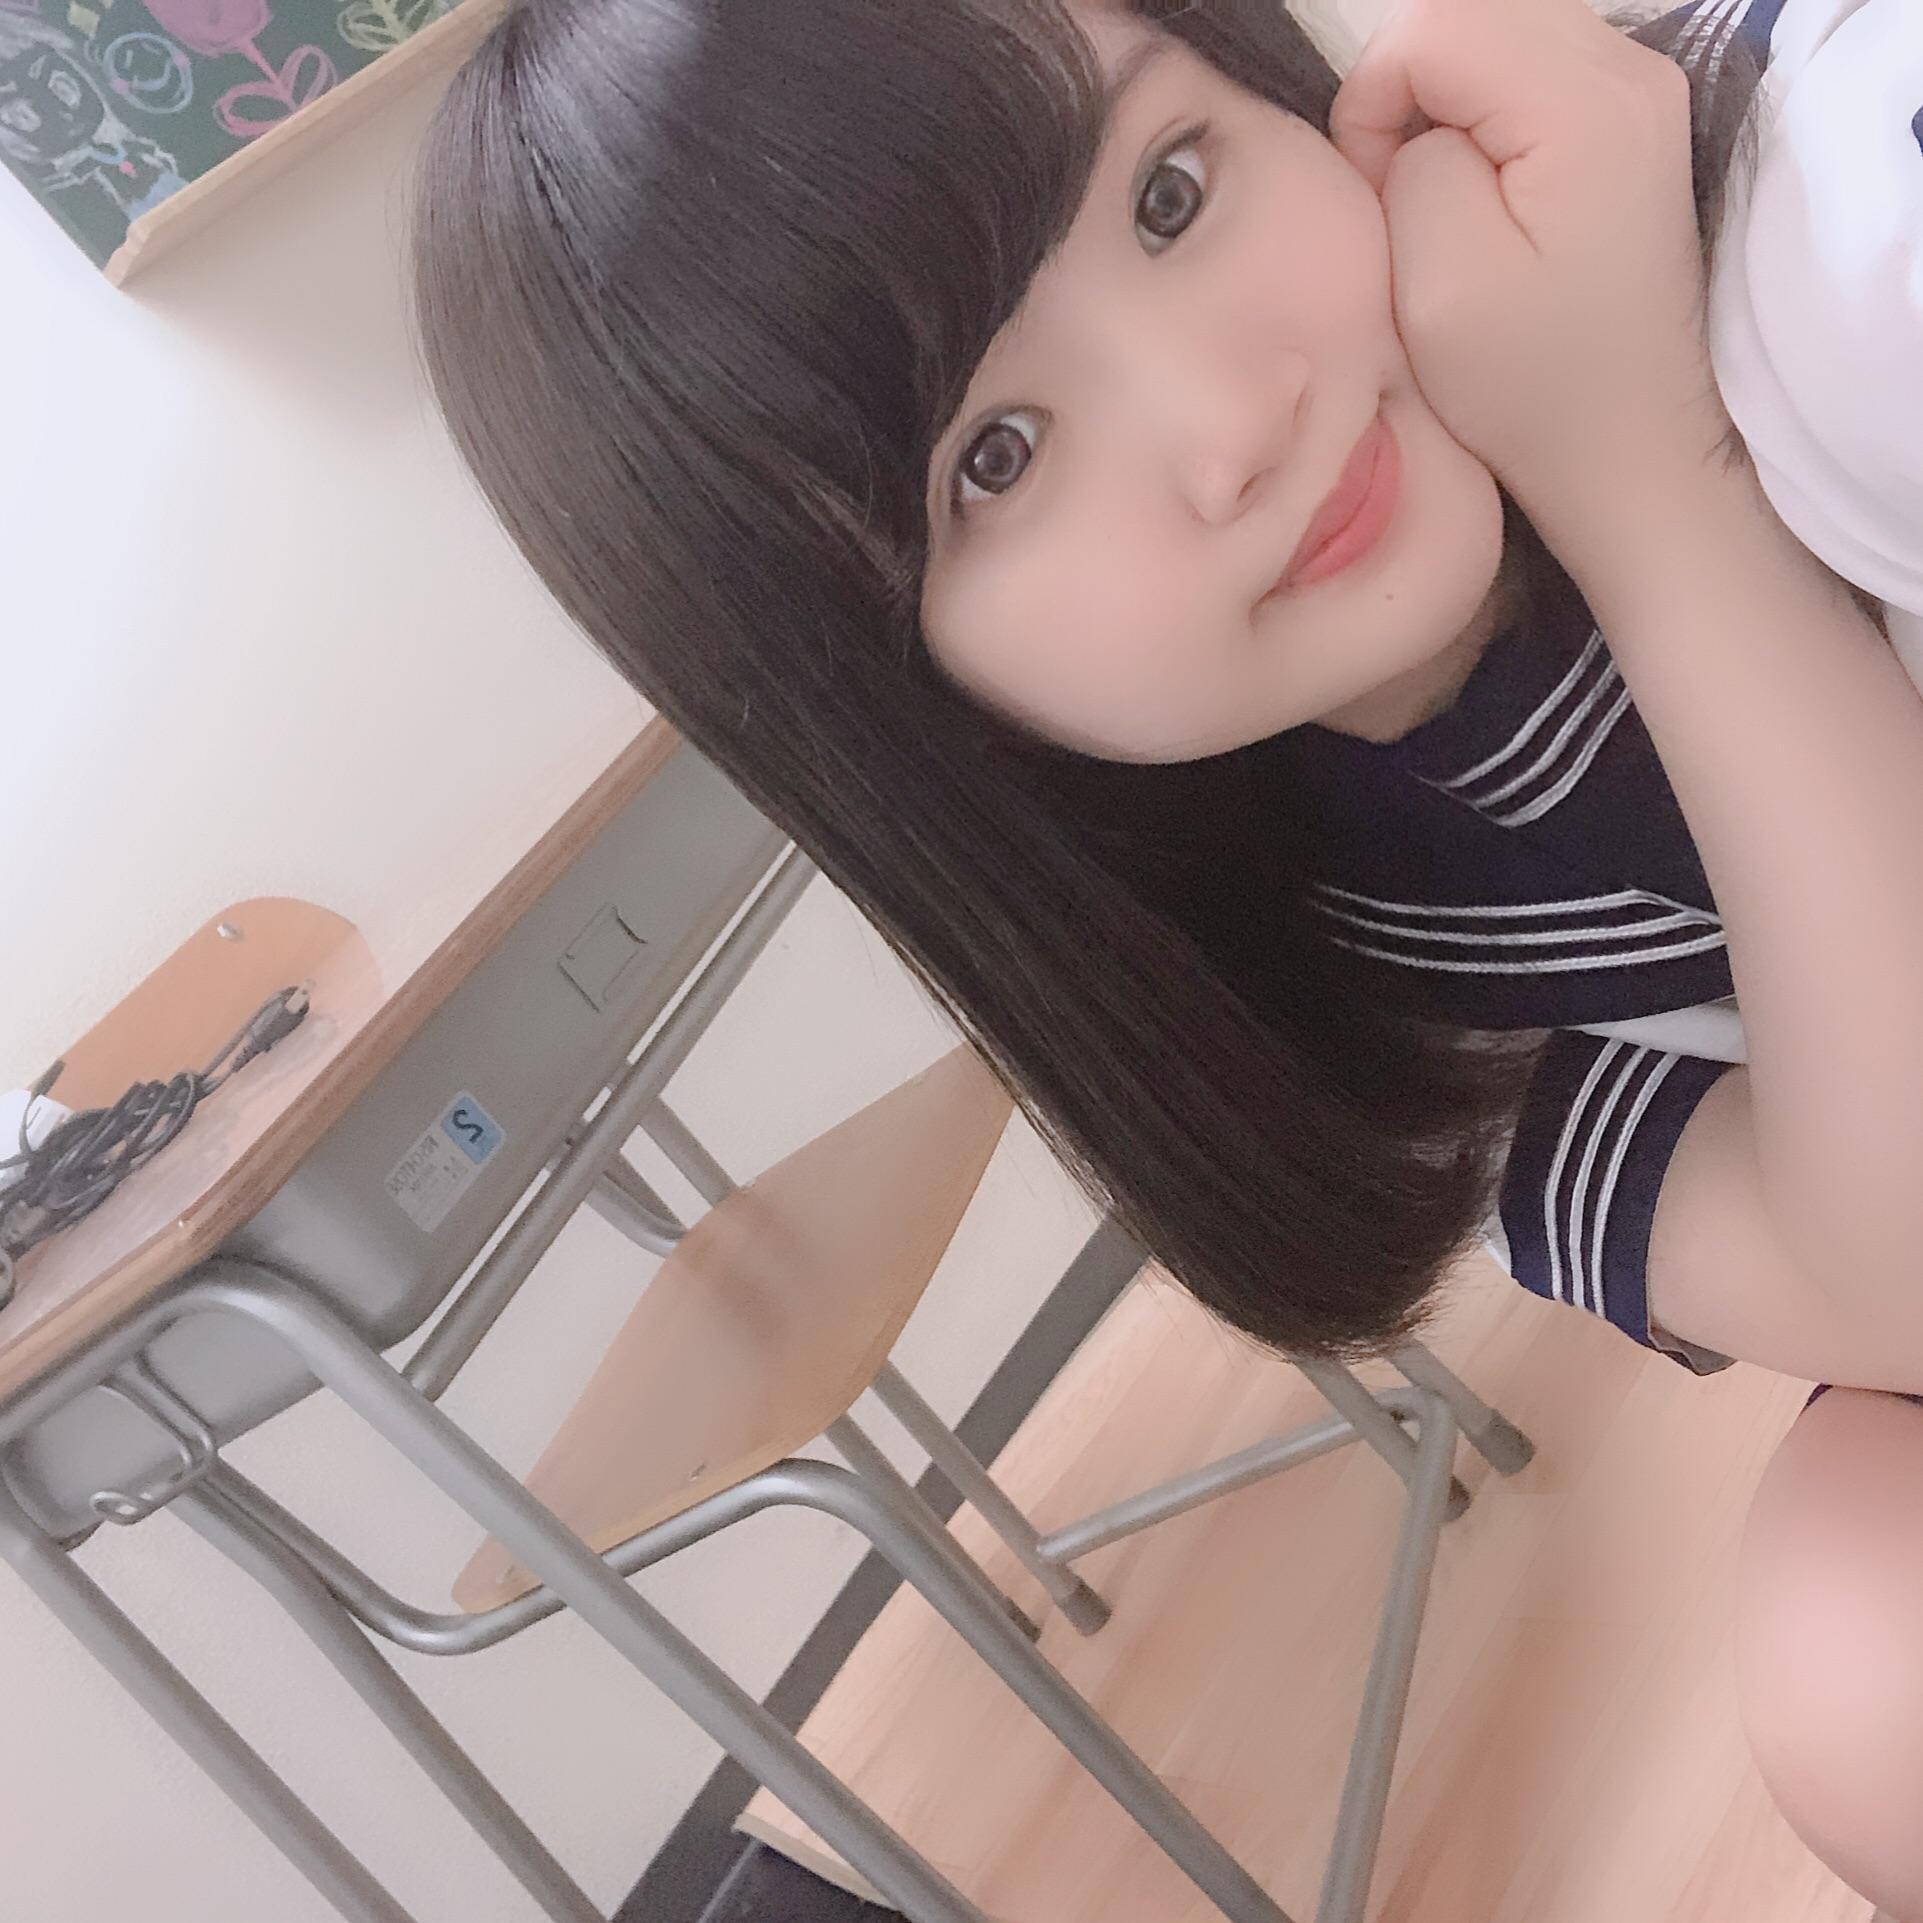 「ありがとう?」09/13(金) 21:54   みるきーの写メ・風俗動画